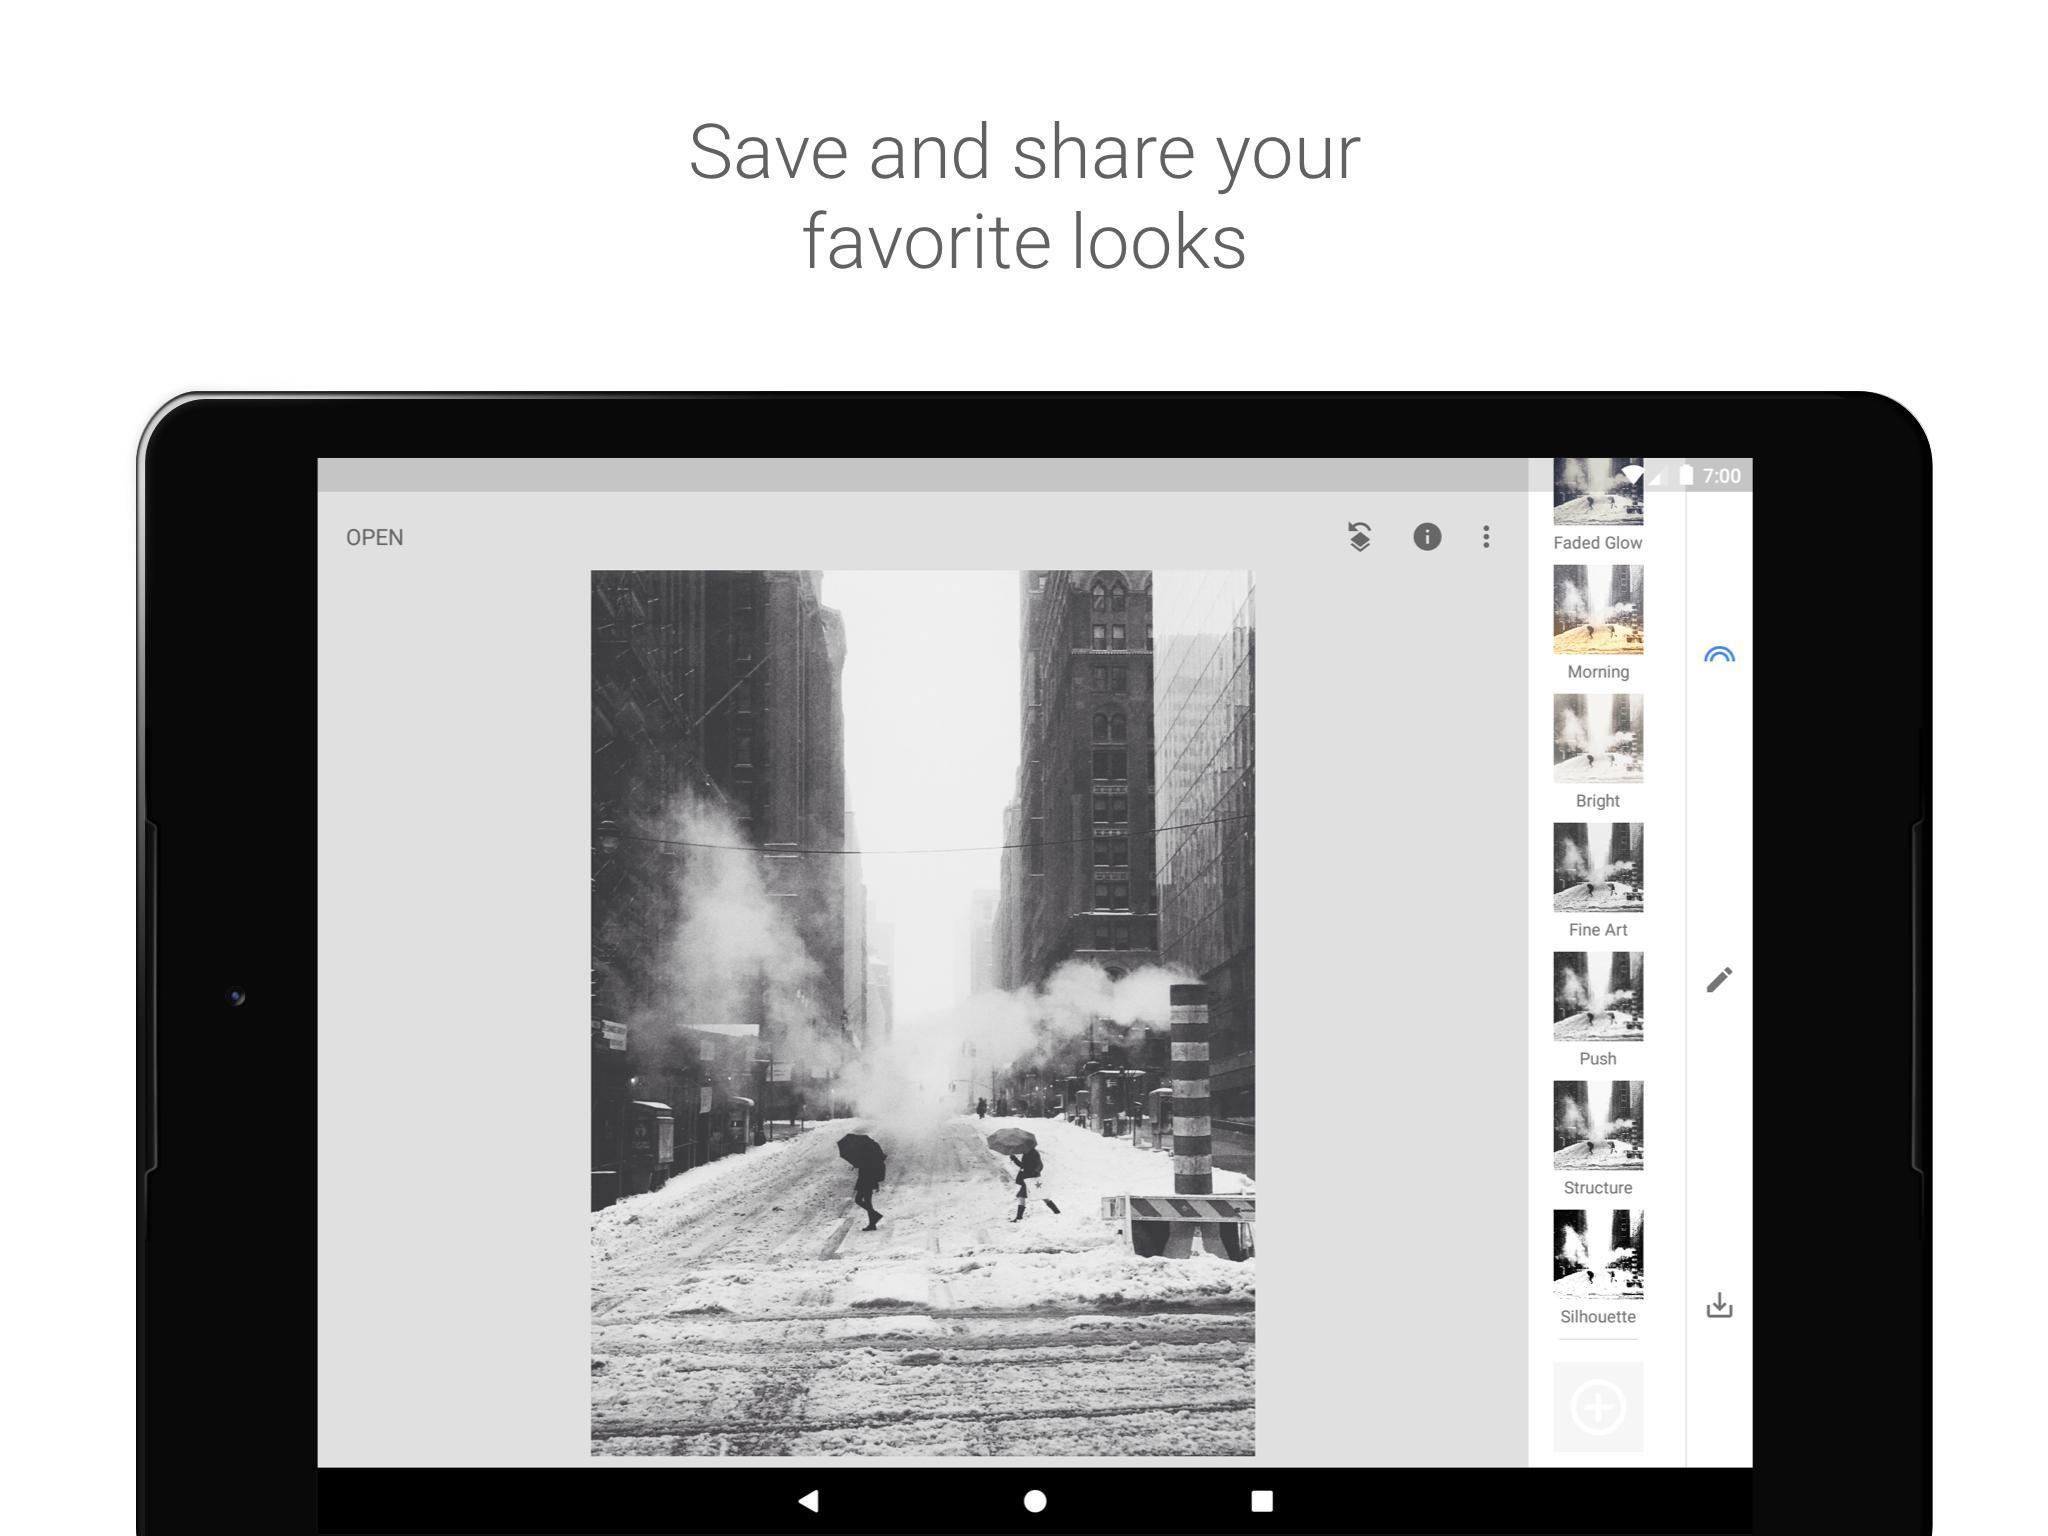 Aplikace na mobil Snapseed